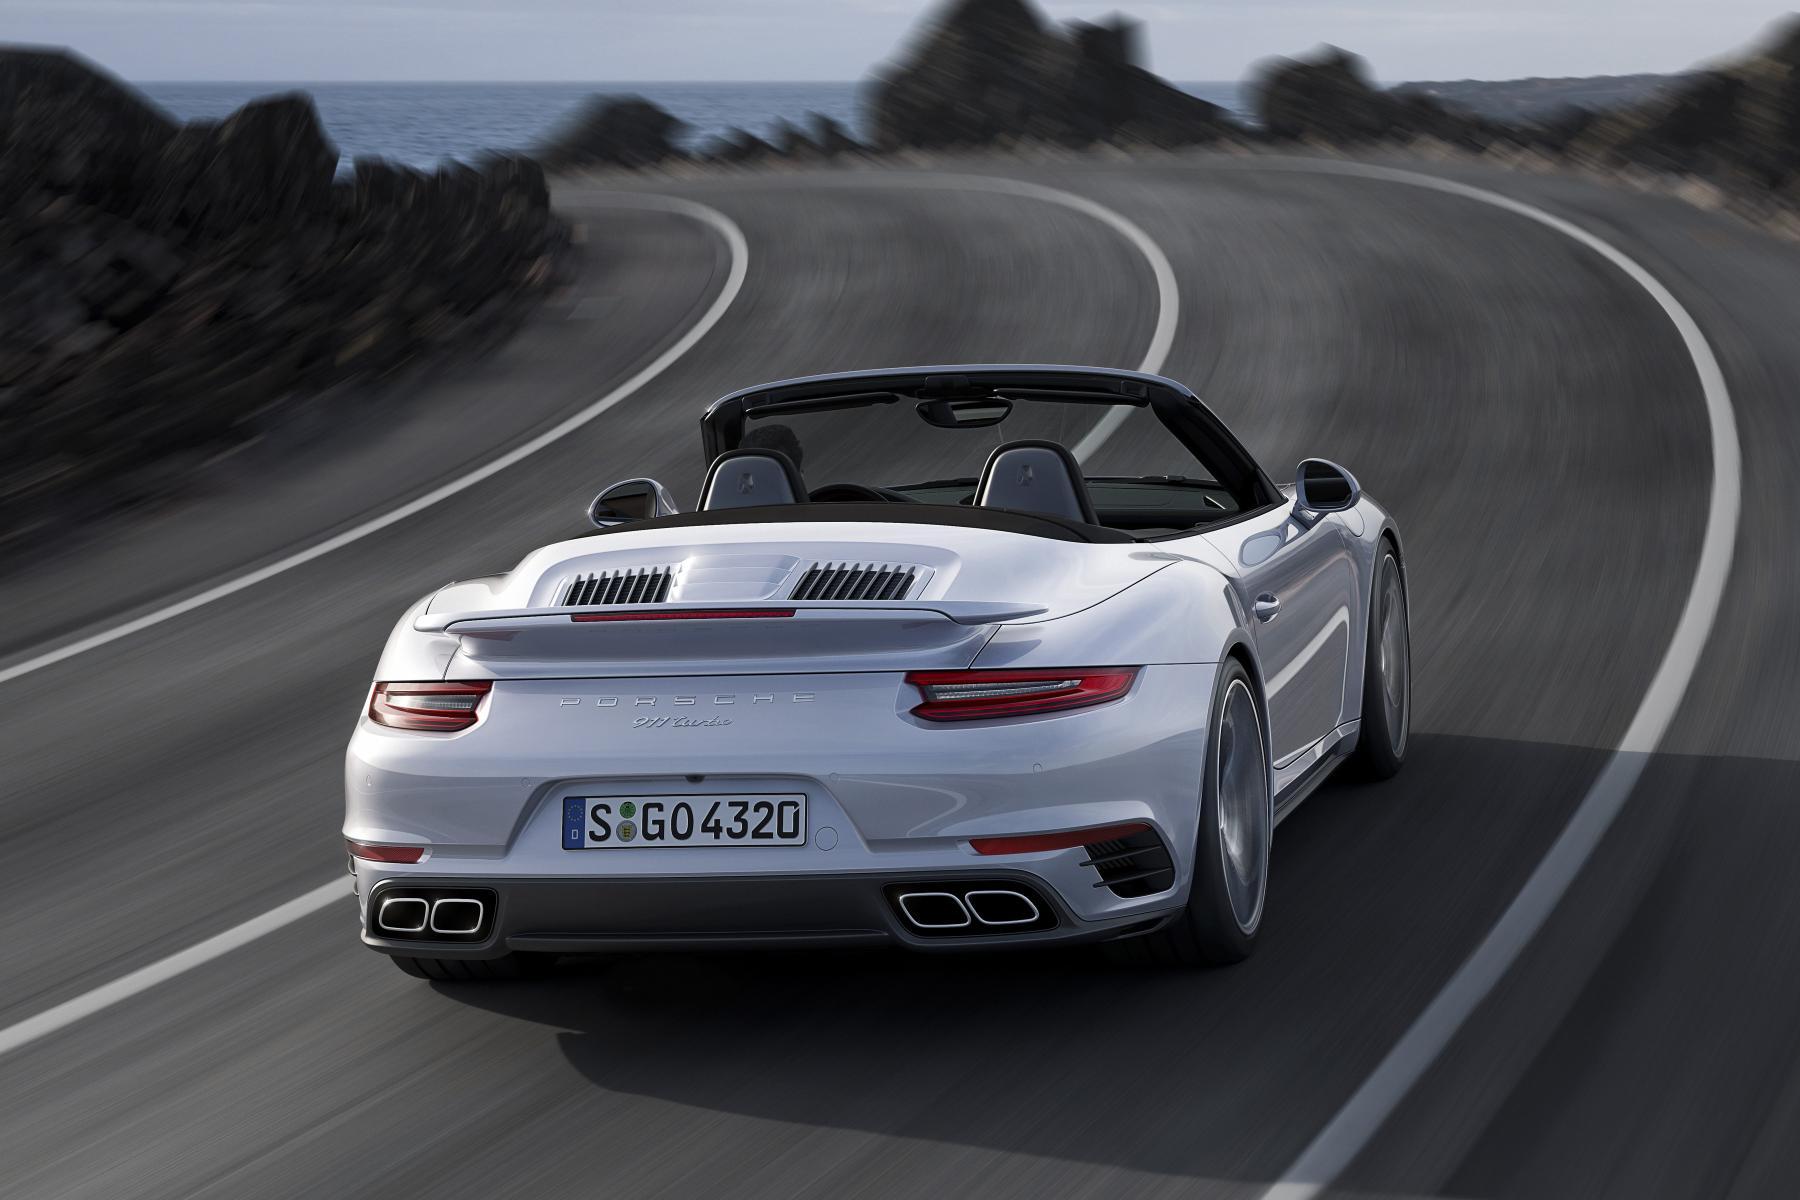 Nuova Porsche 911 Turbo e 911 Turbo S ecco i prezzi 2